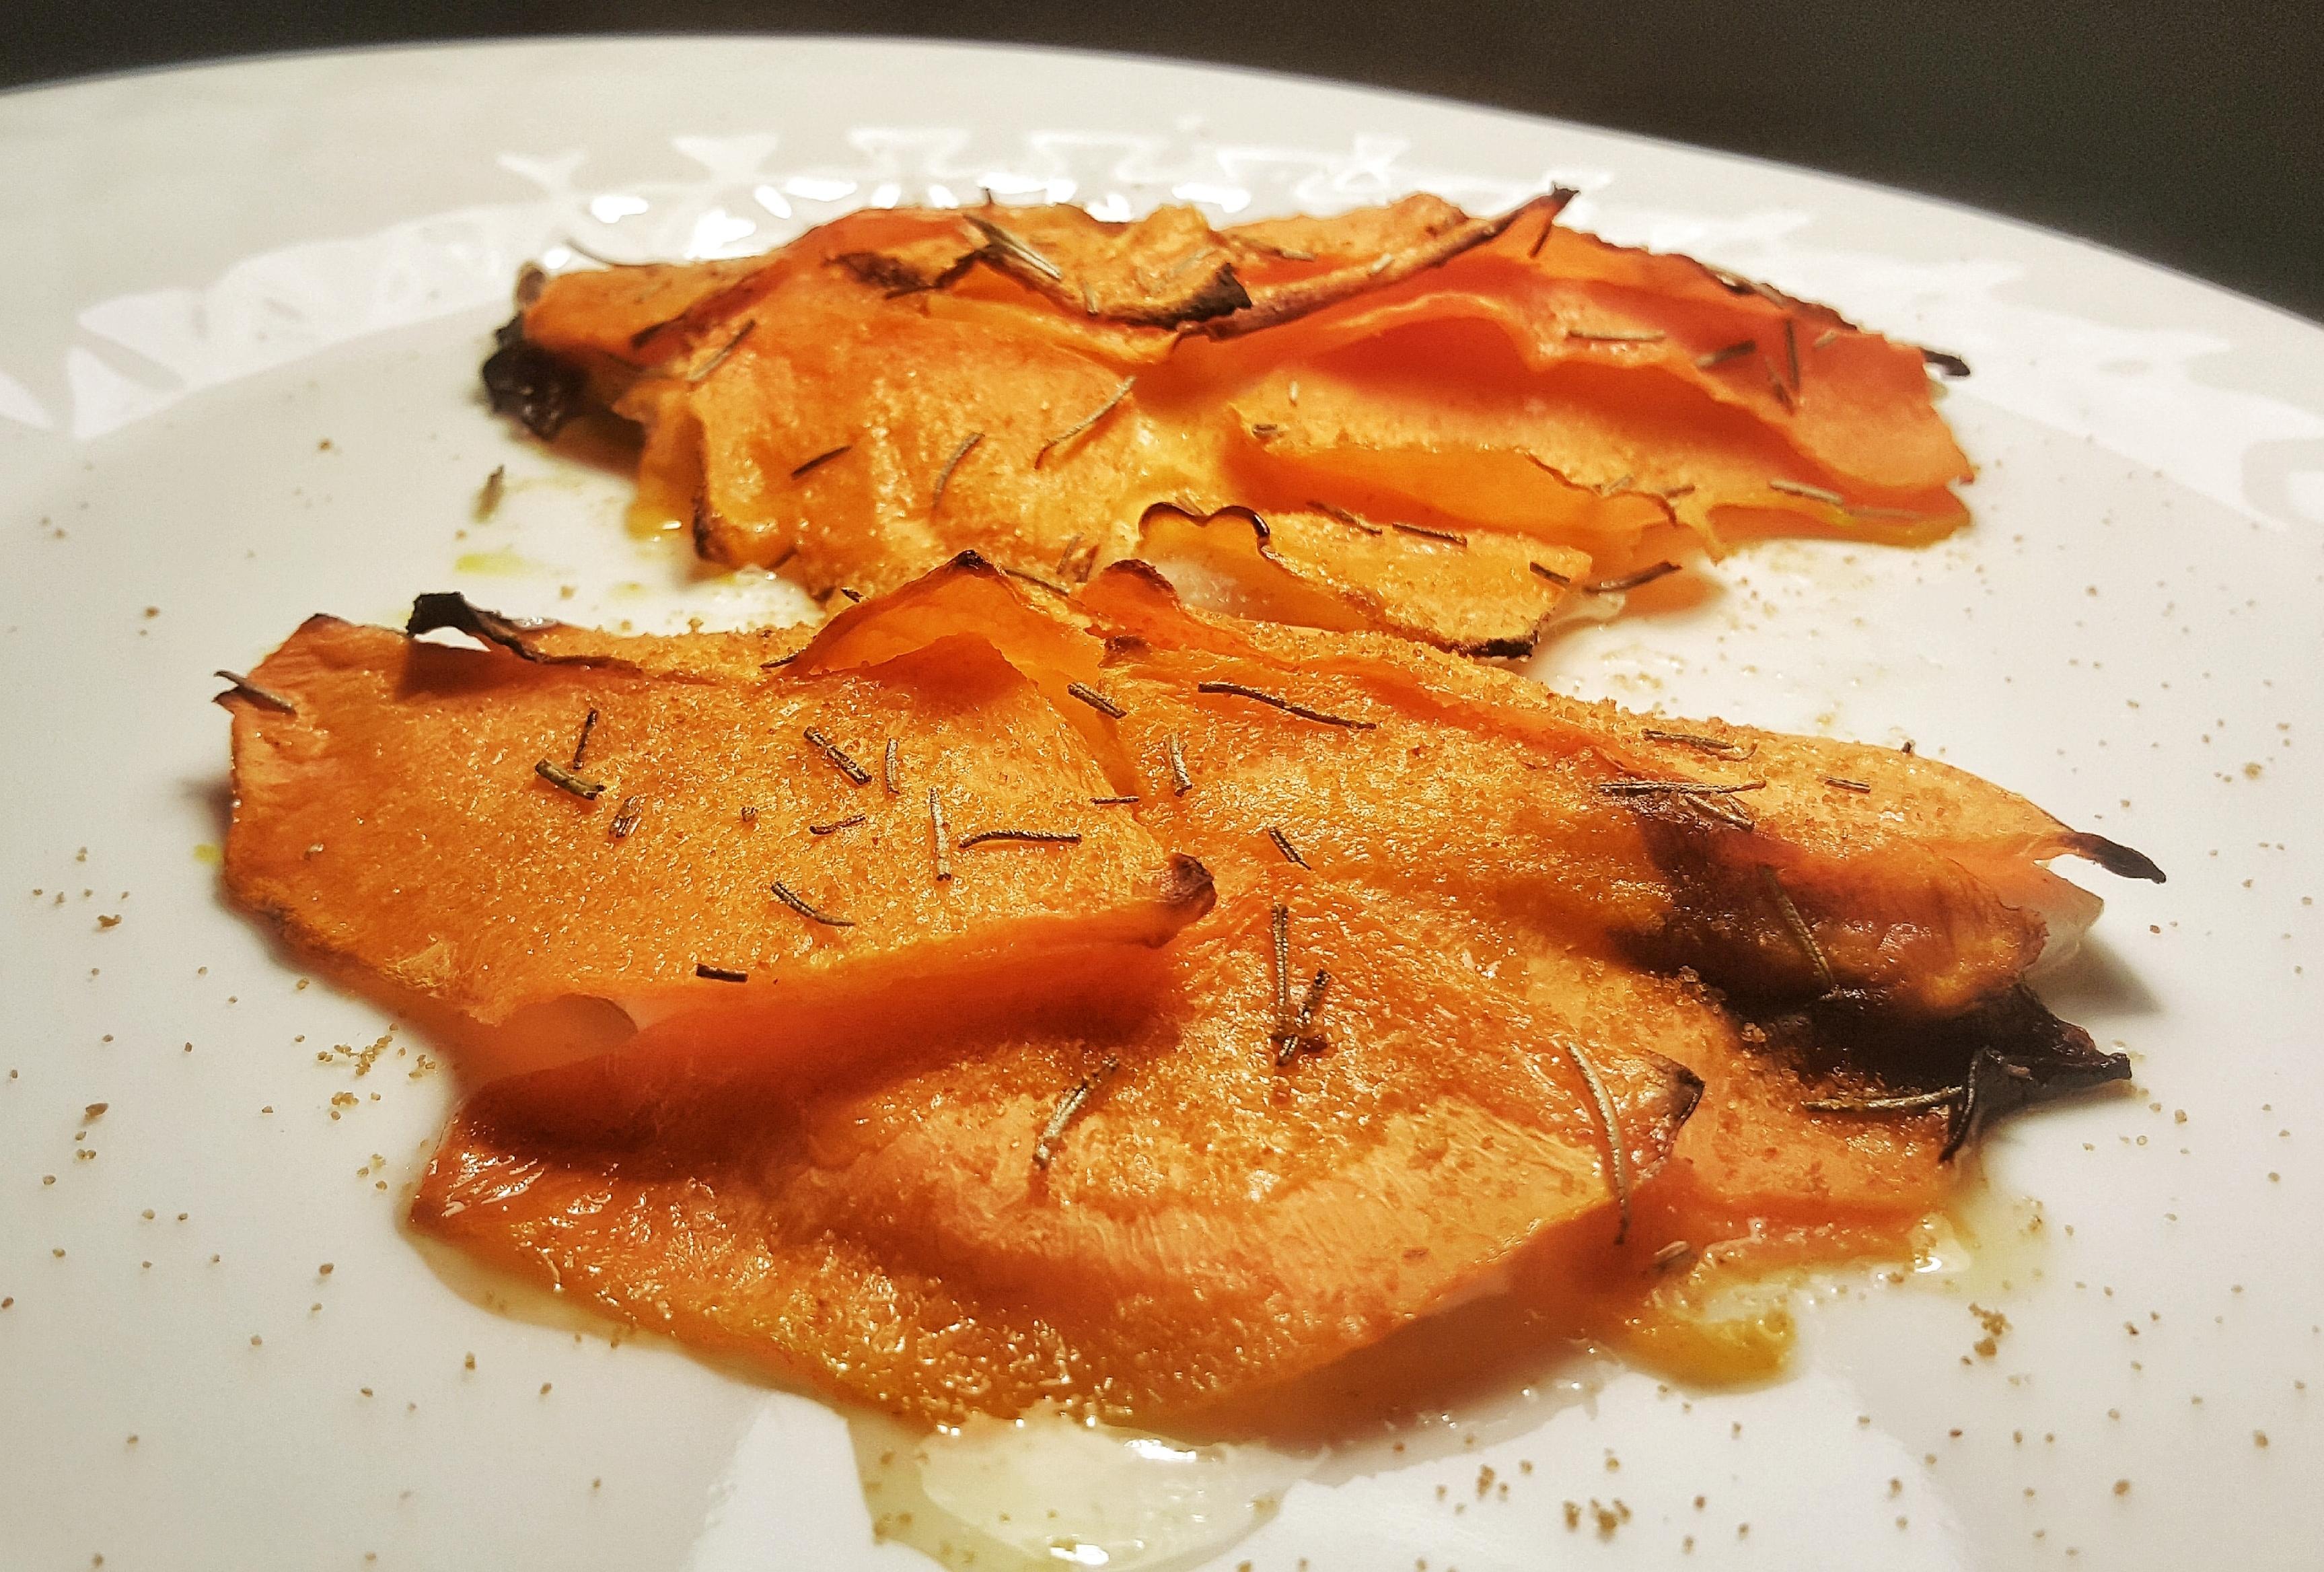 Ricette Orata E Zucca.Orata In Crosta Di Zucca Con Bottarga In Polvere Chefbodylab